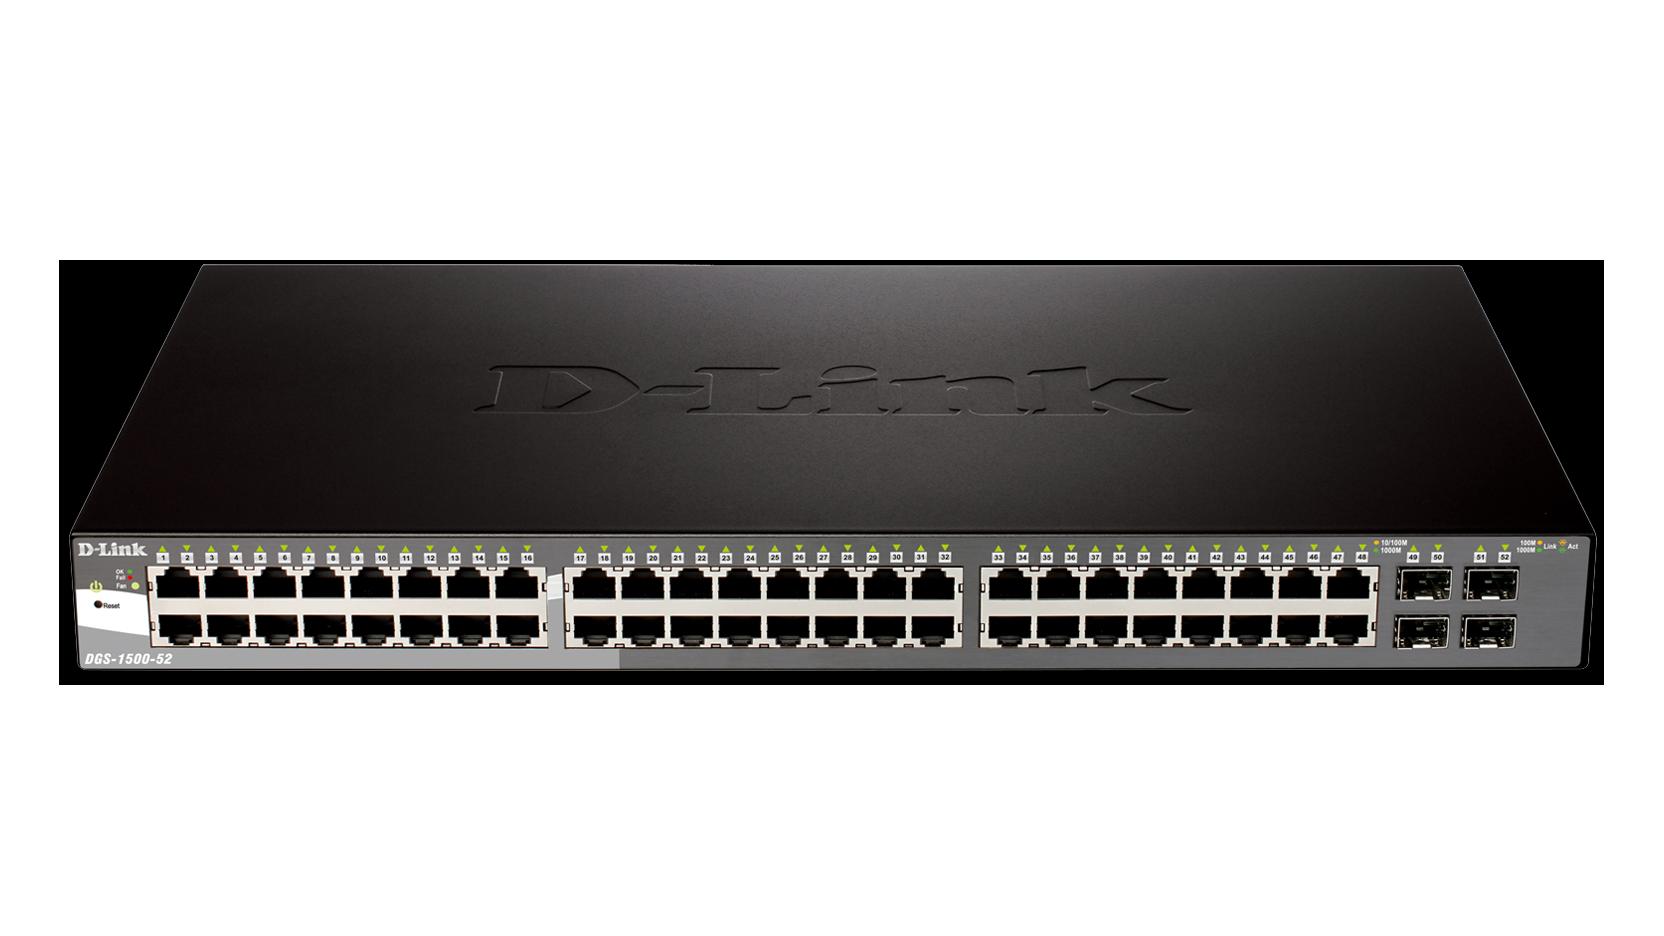 52 port gigabit smartpro switch including 4 sfp ports dgs. Black Bedroom Furniture Sets. Home Design Ideas